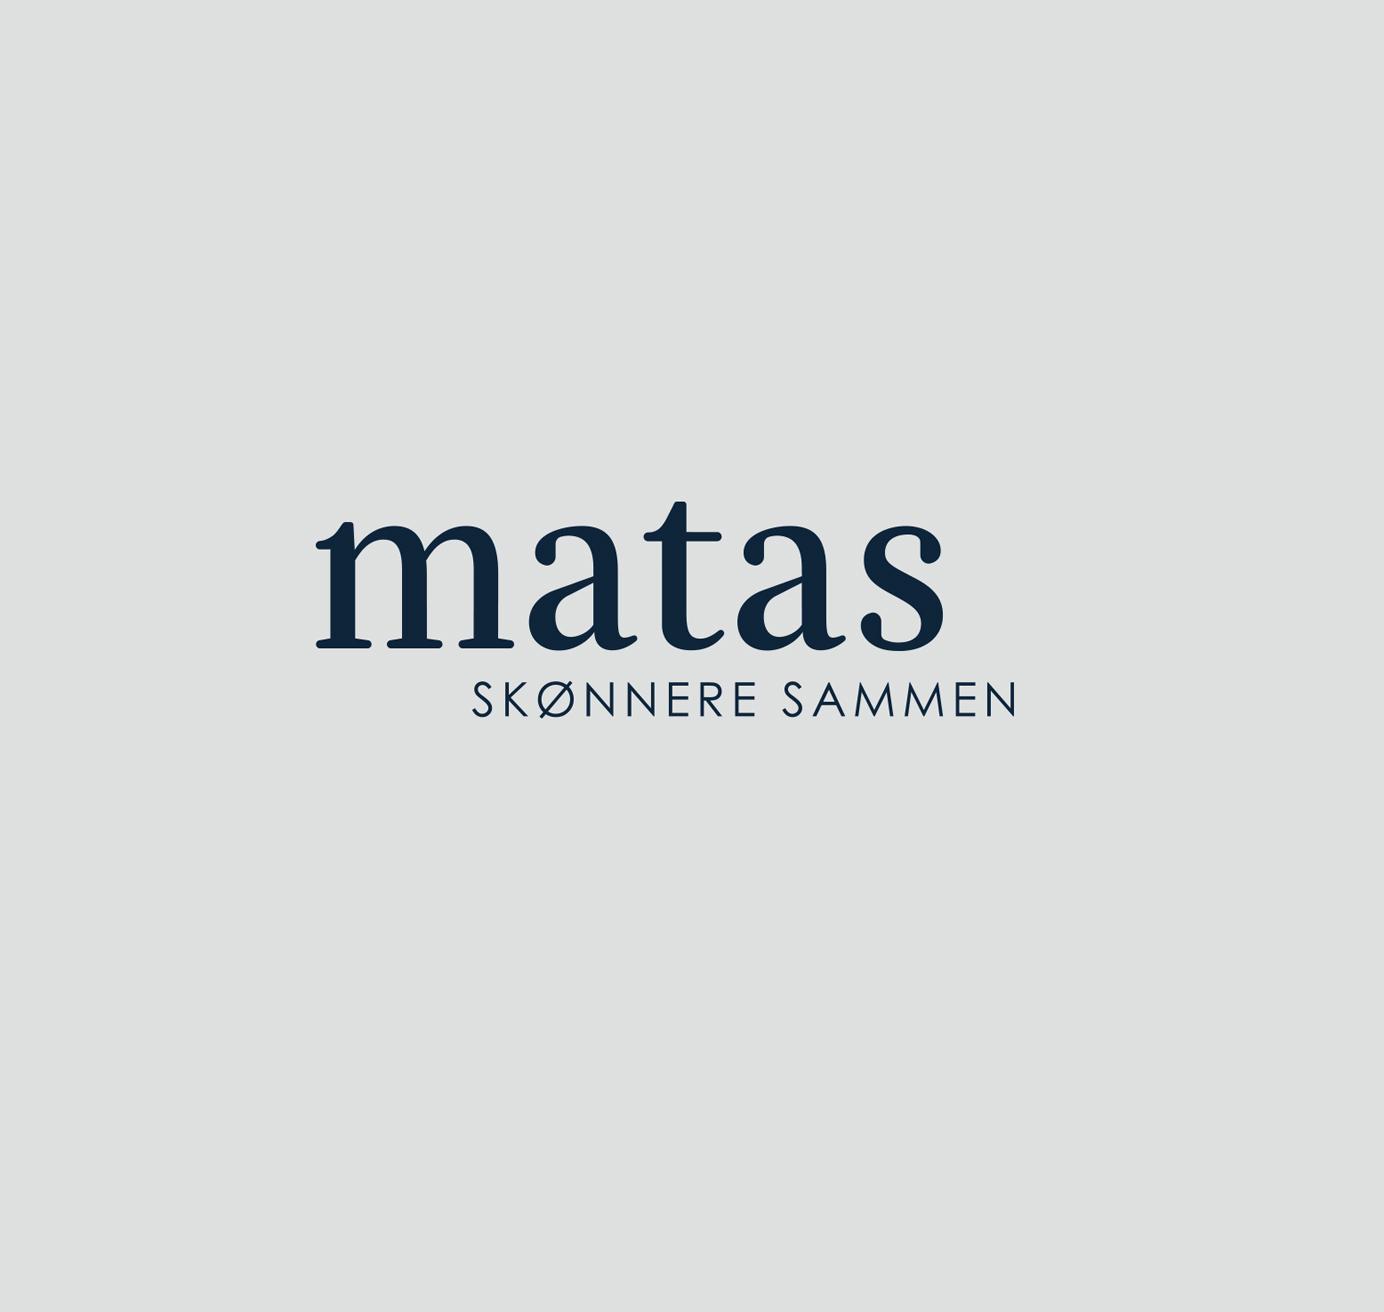 matas_logo-mobile